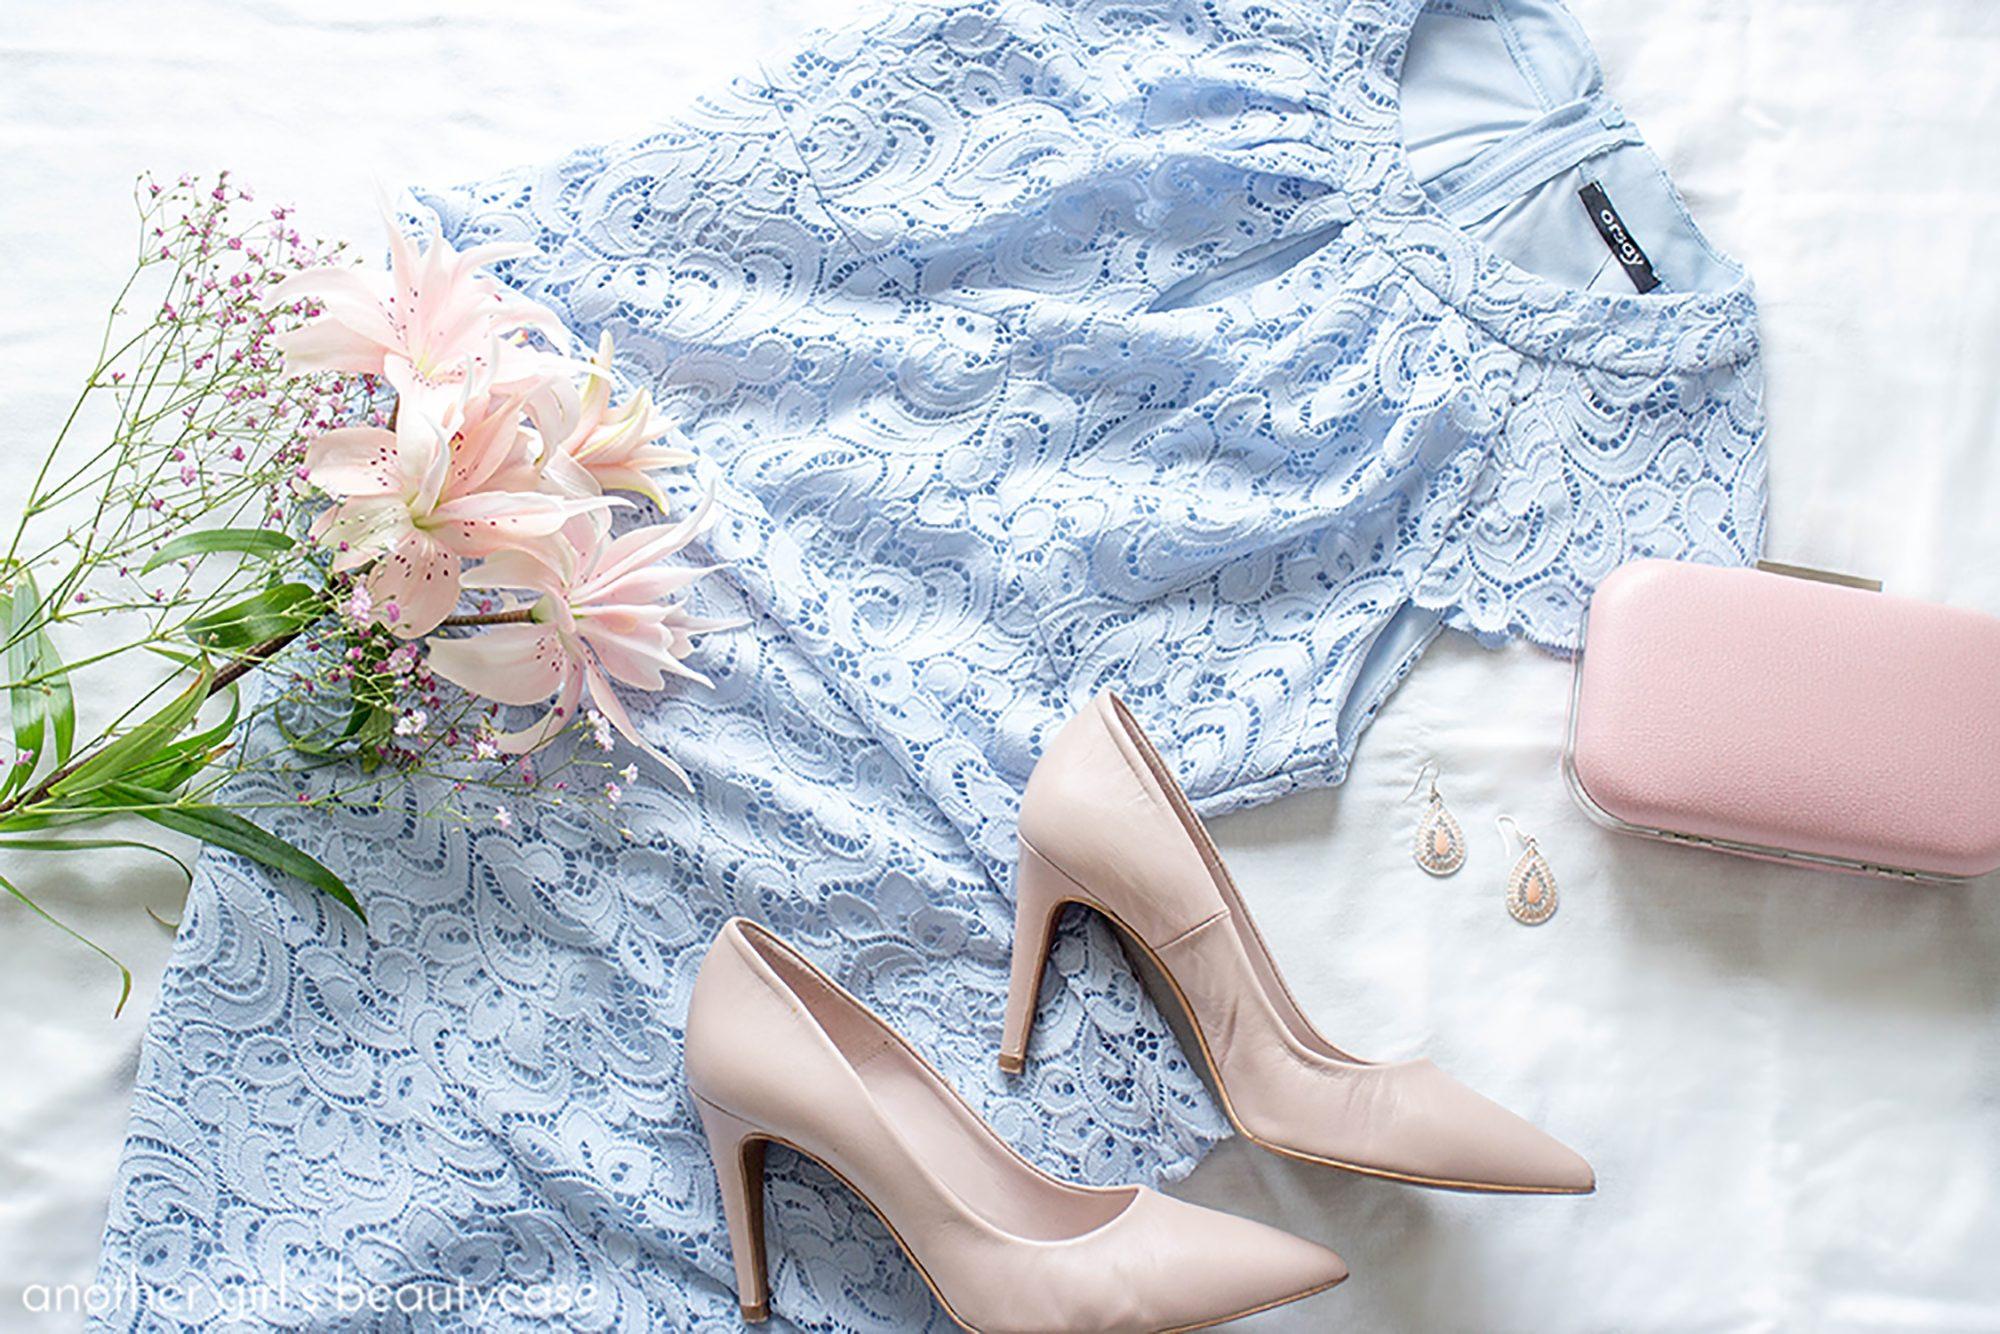 Mein Hochzeits-Outfit - Freundin Der Braut - Another Girl's